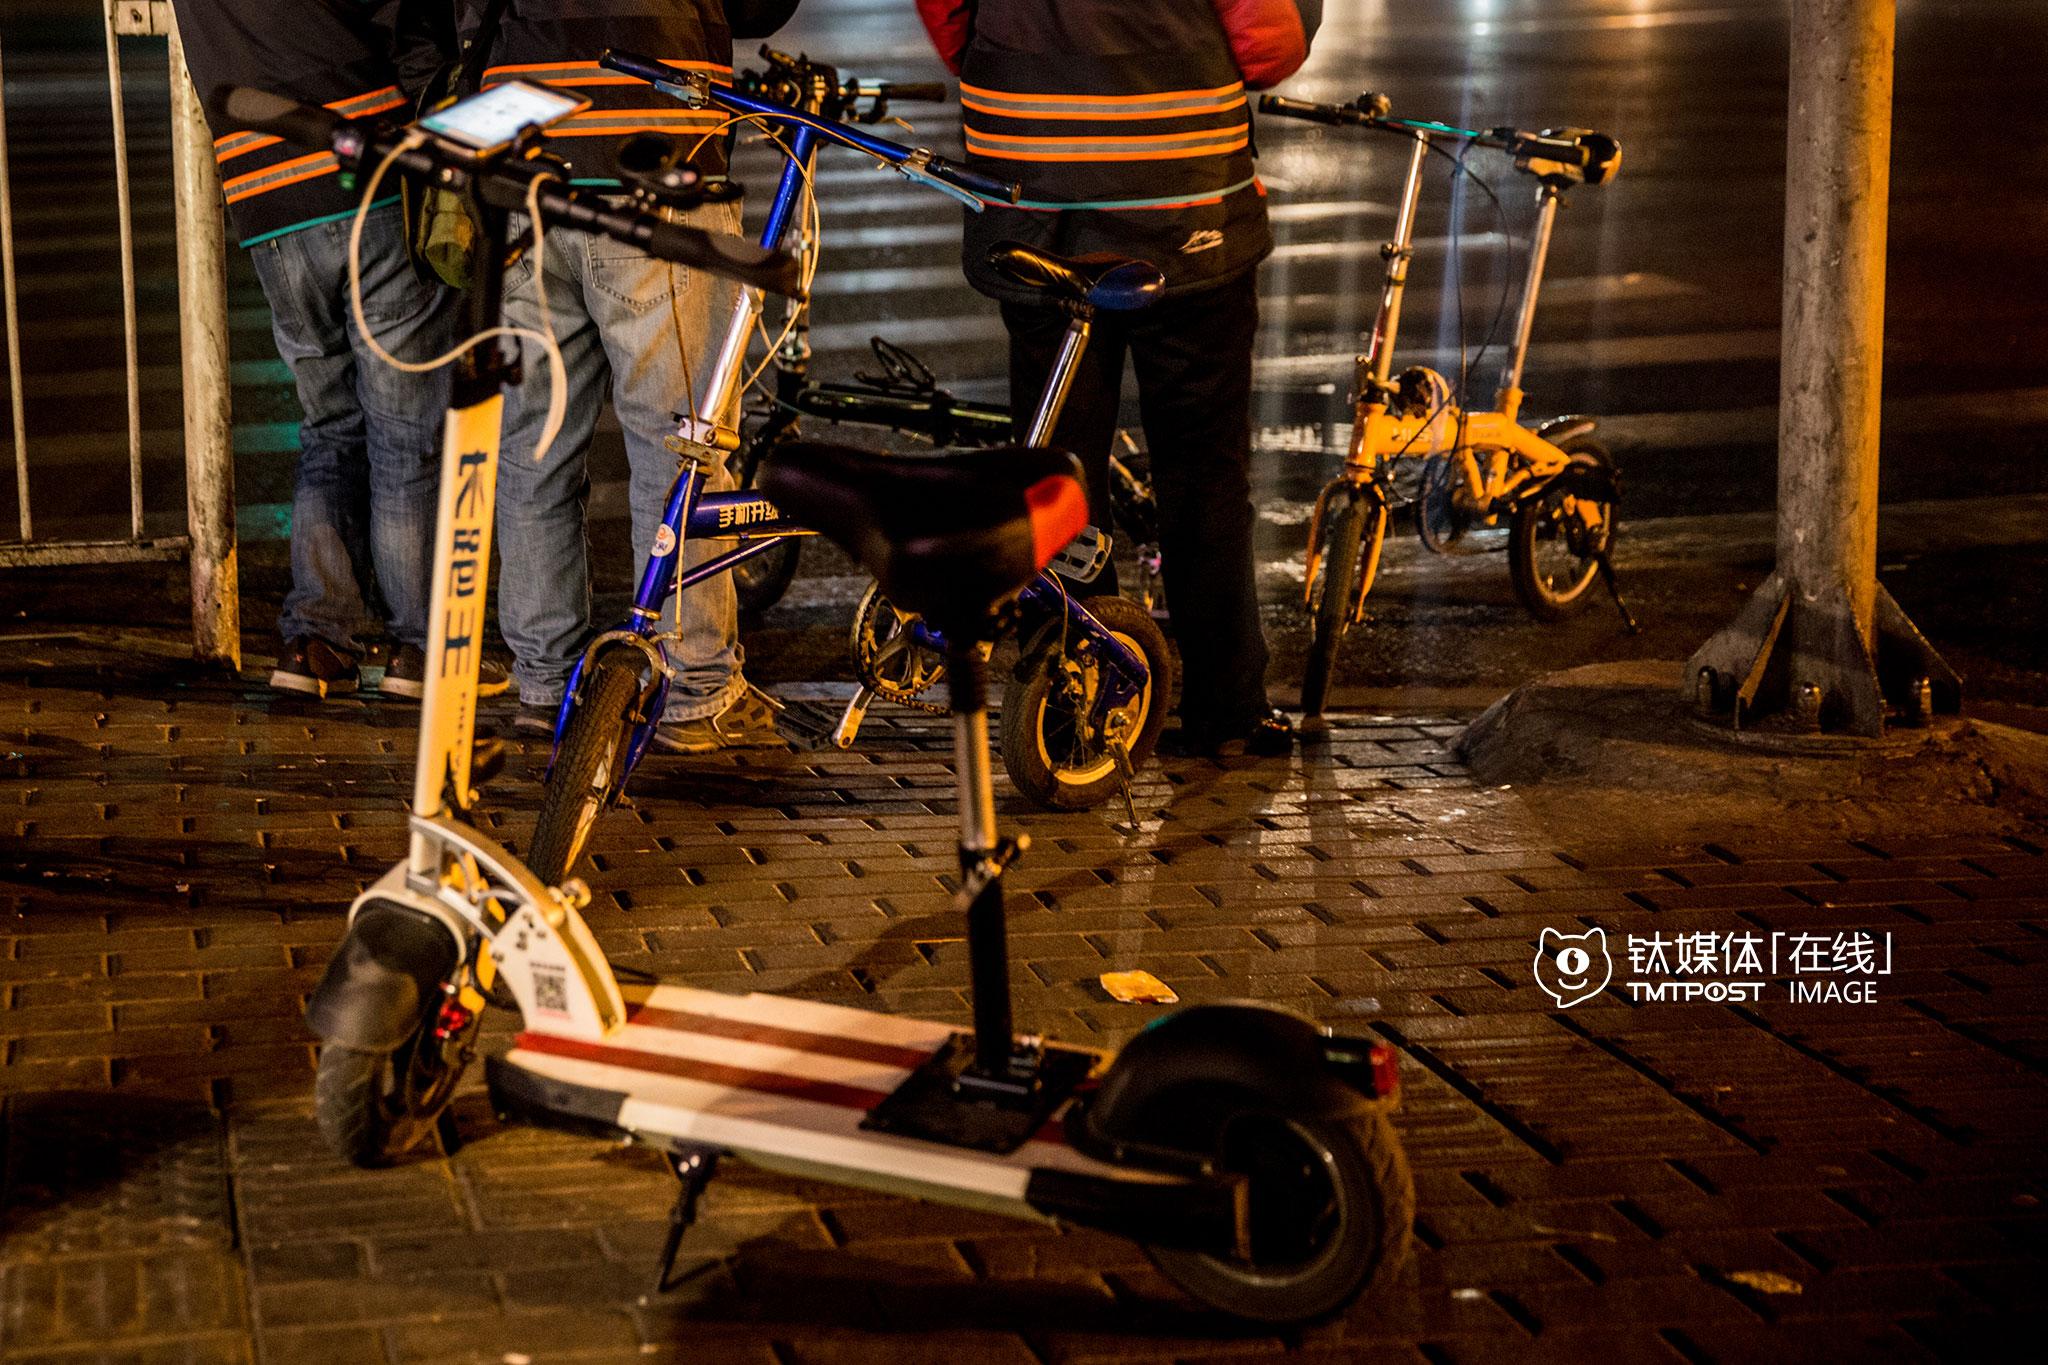 3月16日凌晨2:22,北京三里屯,等待订单的代驾。电动滑板车、自行车,是他们最重要的代步工具,接到订单后他们会把代步工具放到客人汽车的后备箱,以便到达目的地后离开。如果去到比较偏僻的地方,打不到车或者舍不得花钱打车,就只能靠这些代步工具回到四环,再坐夜班公交车,如果电动滑板车没电了,那就只剩下推着走这个办法了。